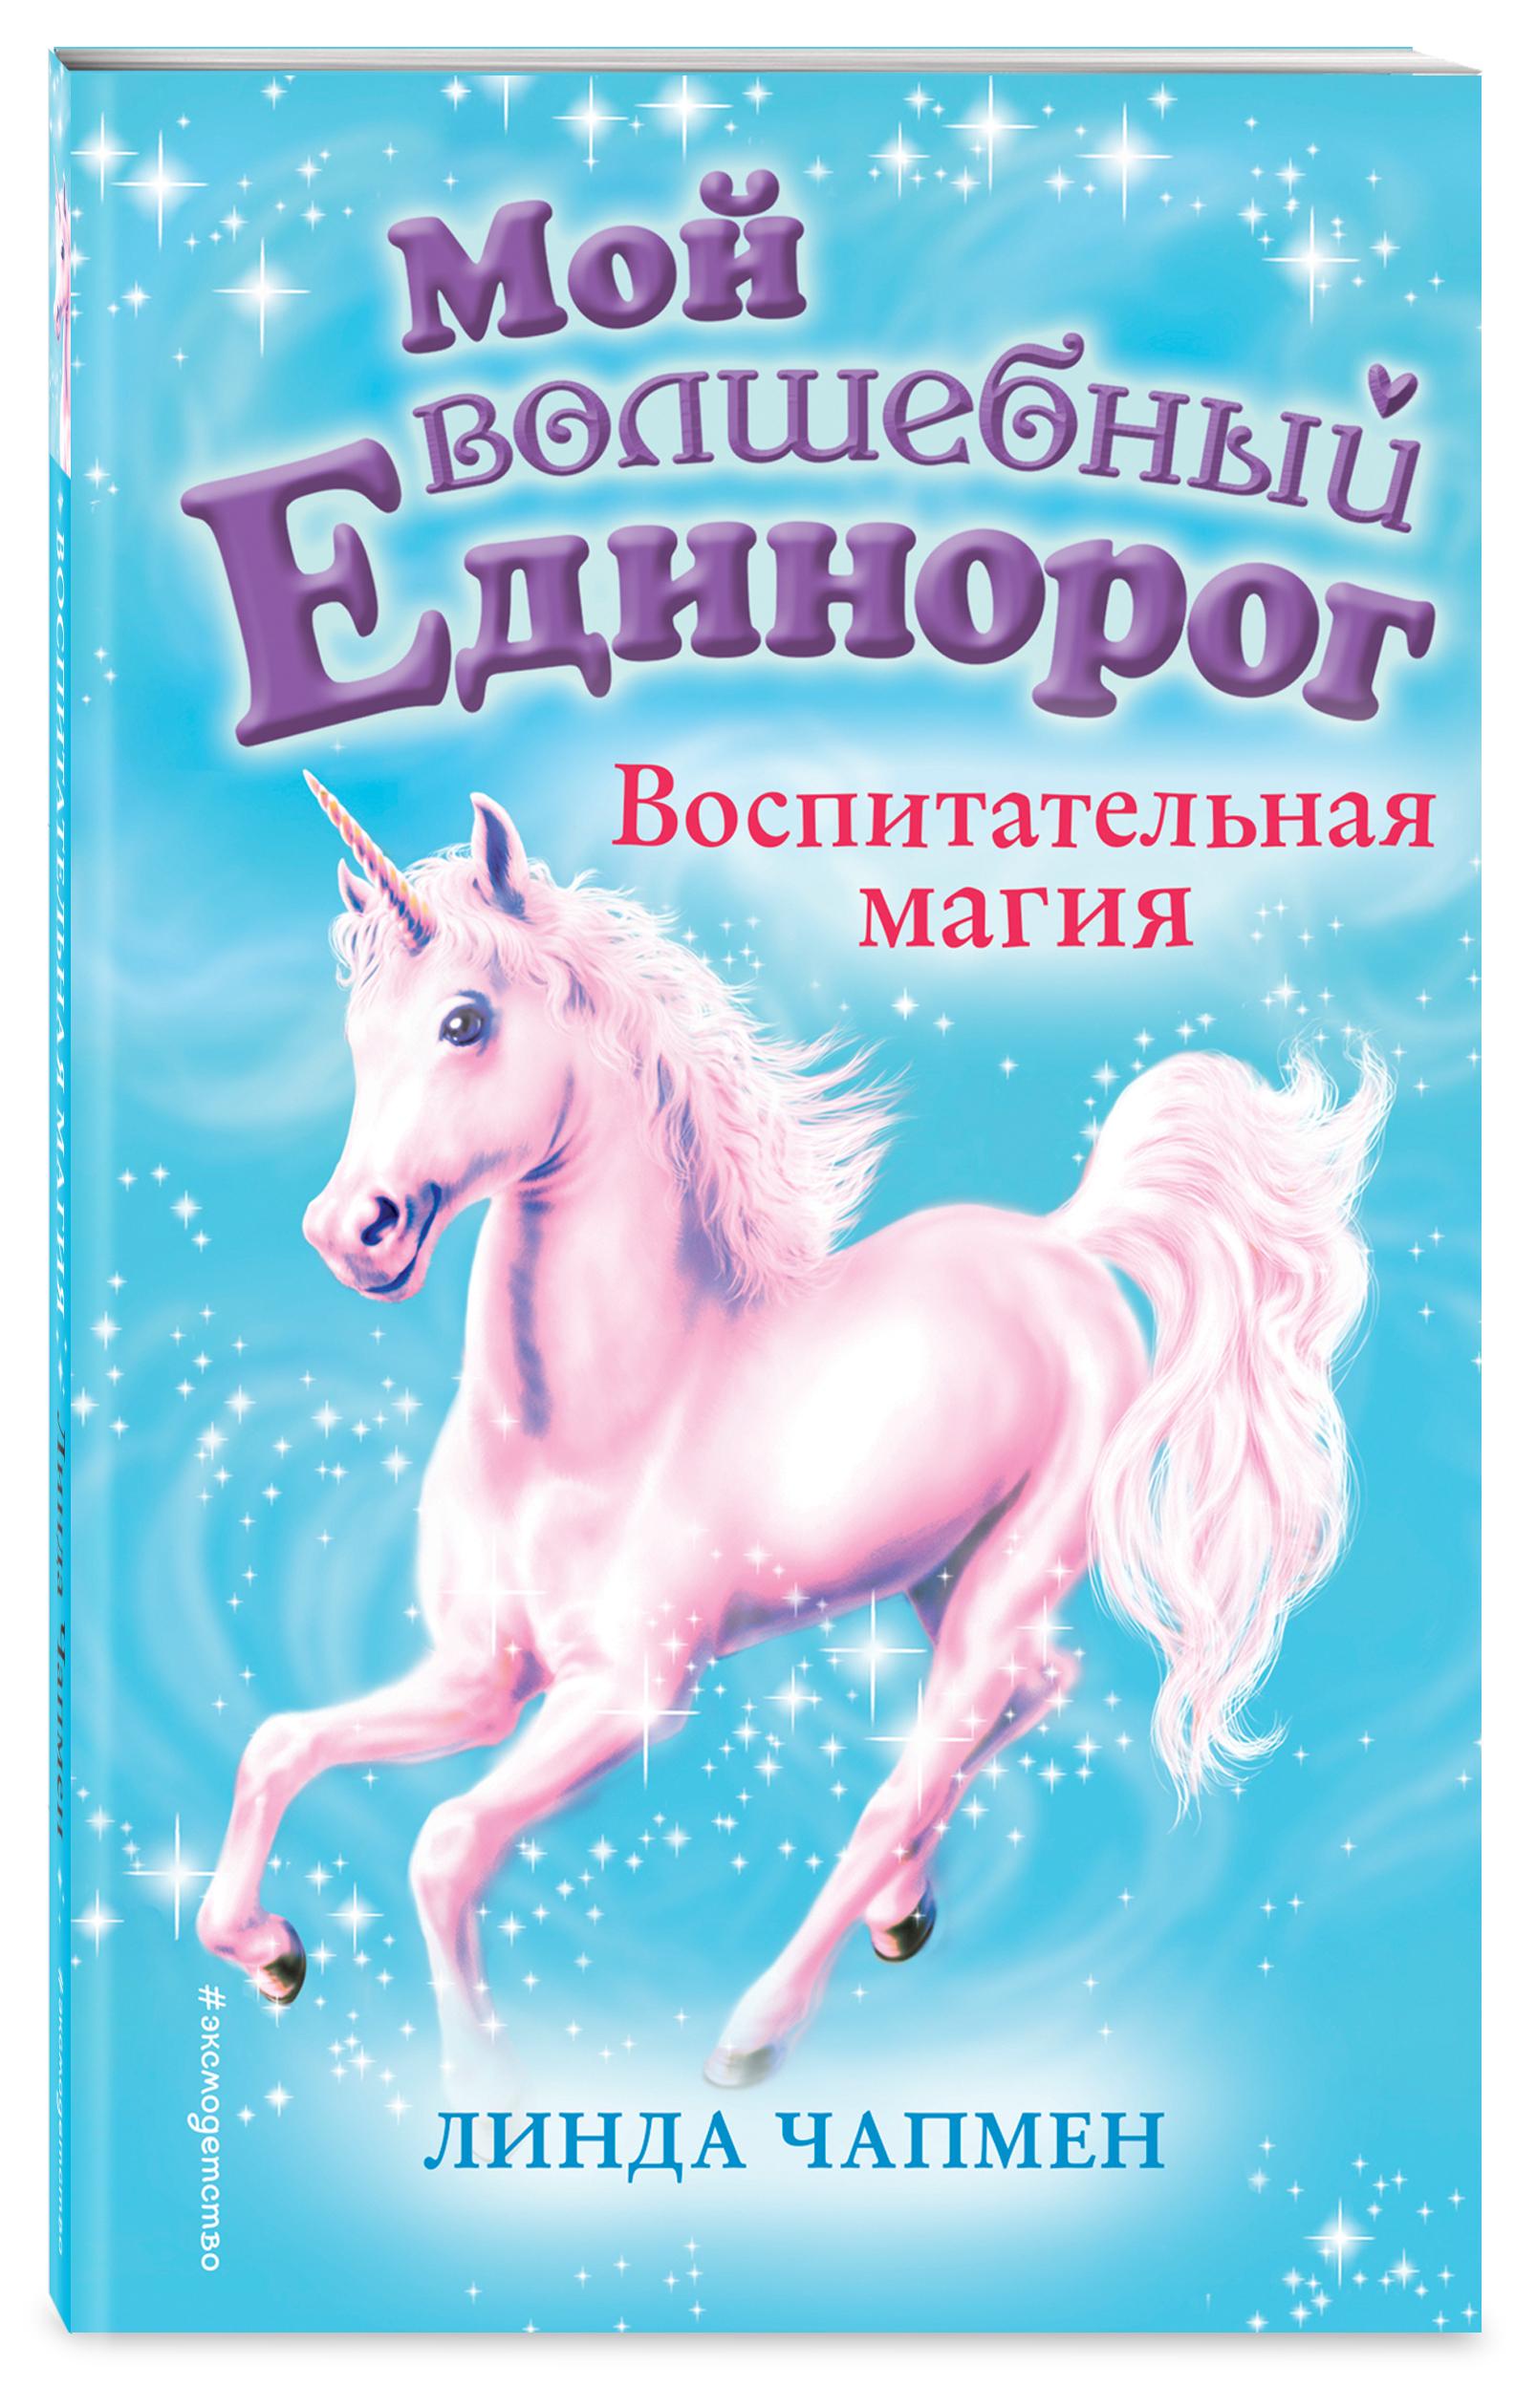 Линда Чапмен Мой волшебный единорог. Книга 7 (у.н.) мой секретный единорог книга 5 у н